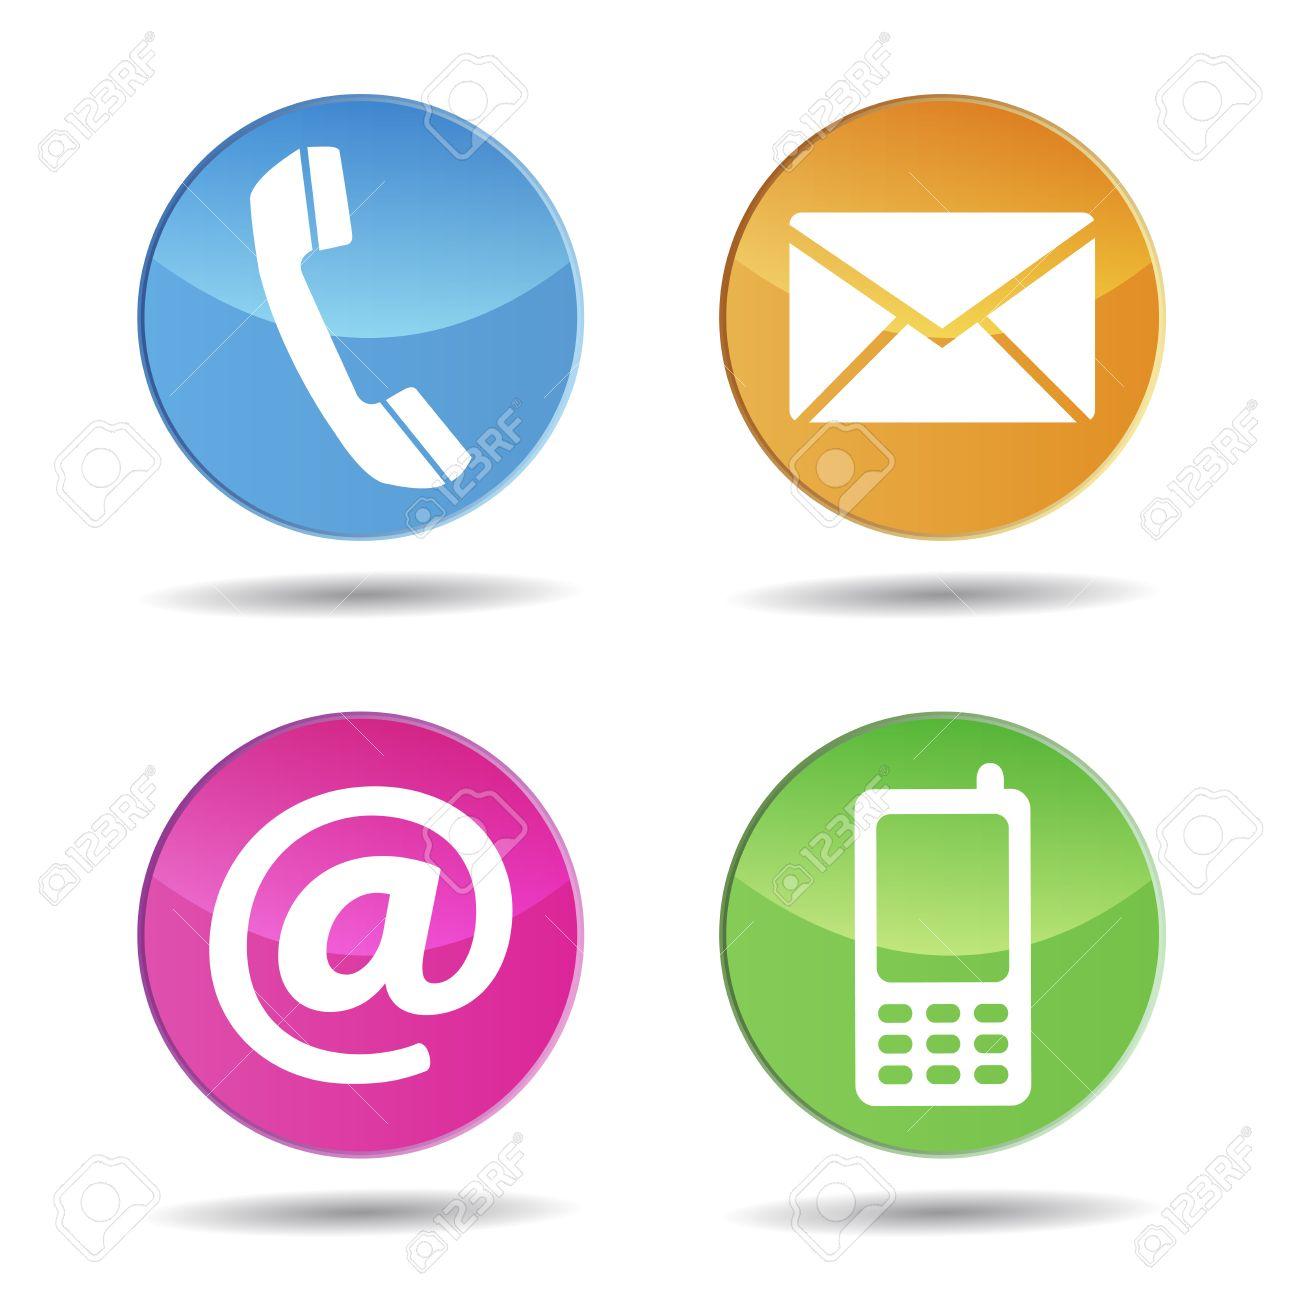 Web E Internet Contattaci Icone E Simboli Di Disegno Su Pulsanti ...